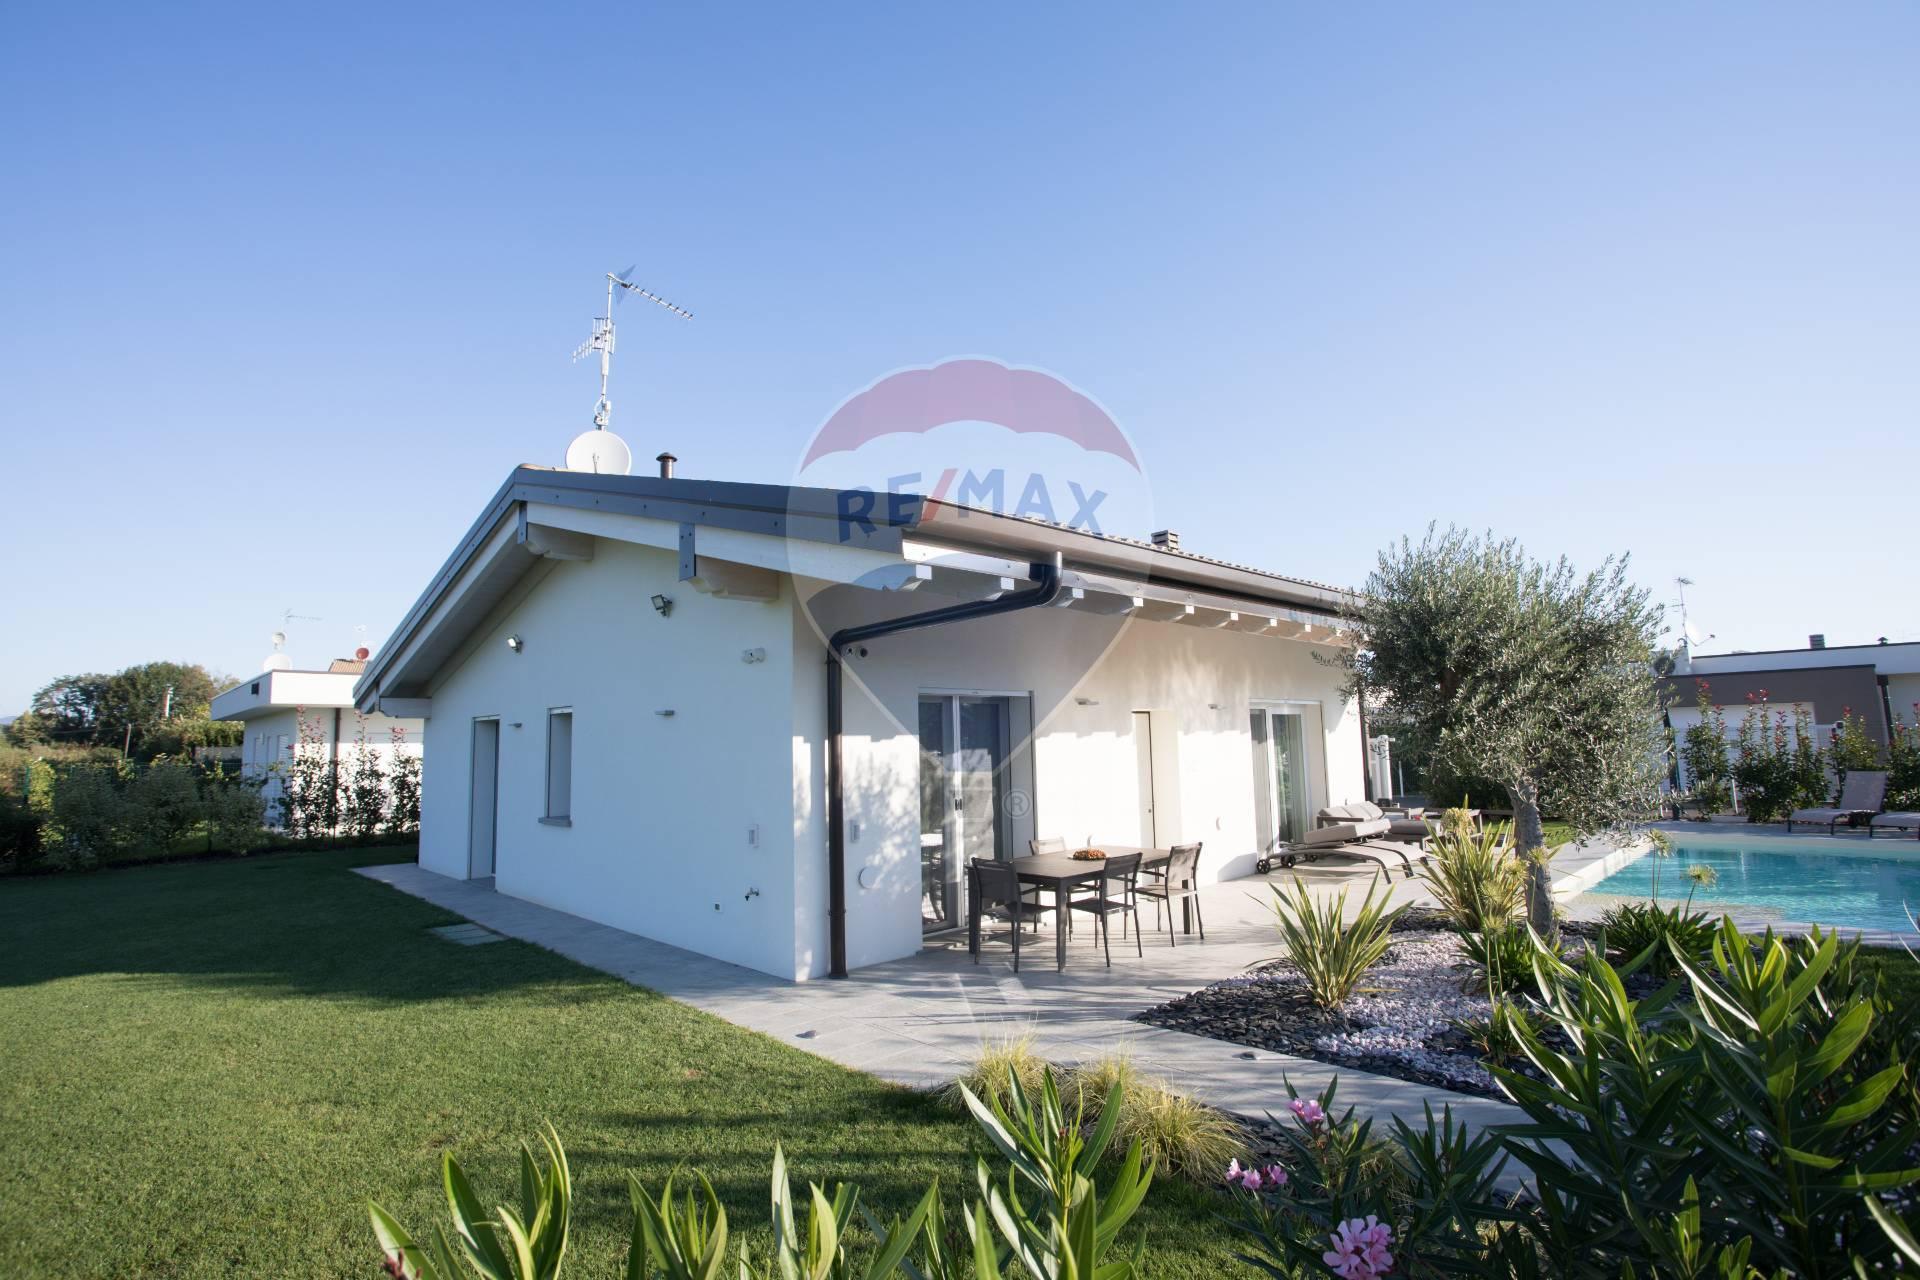 Villa in vendita a Lonato, 4 locali, prezzo € 349.000   CambioCasa.it